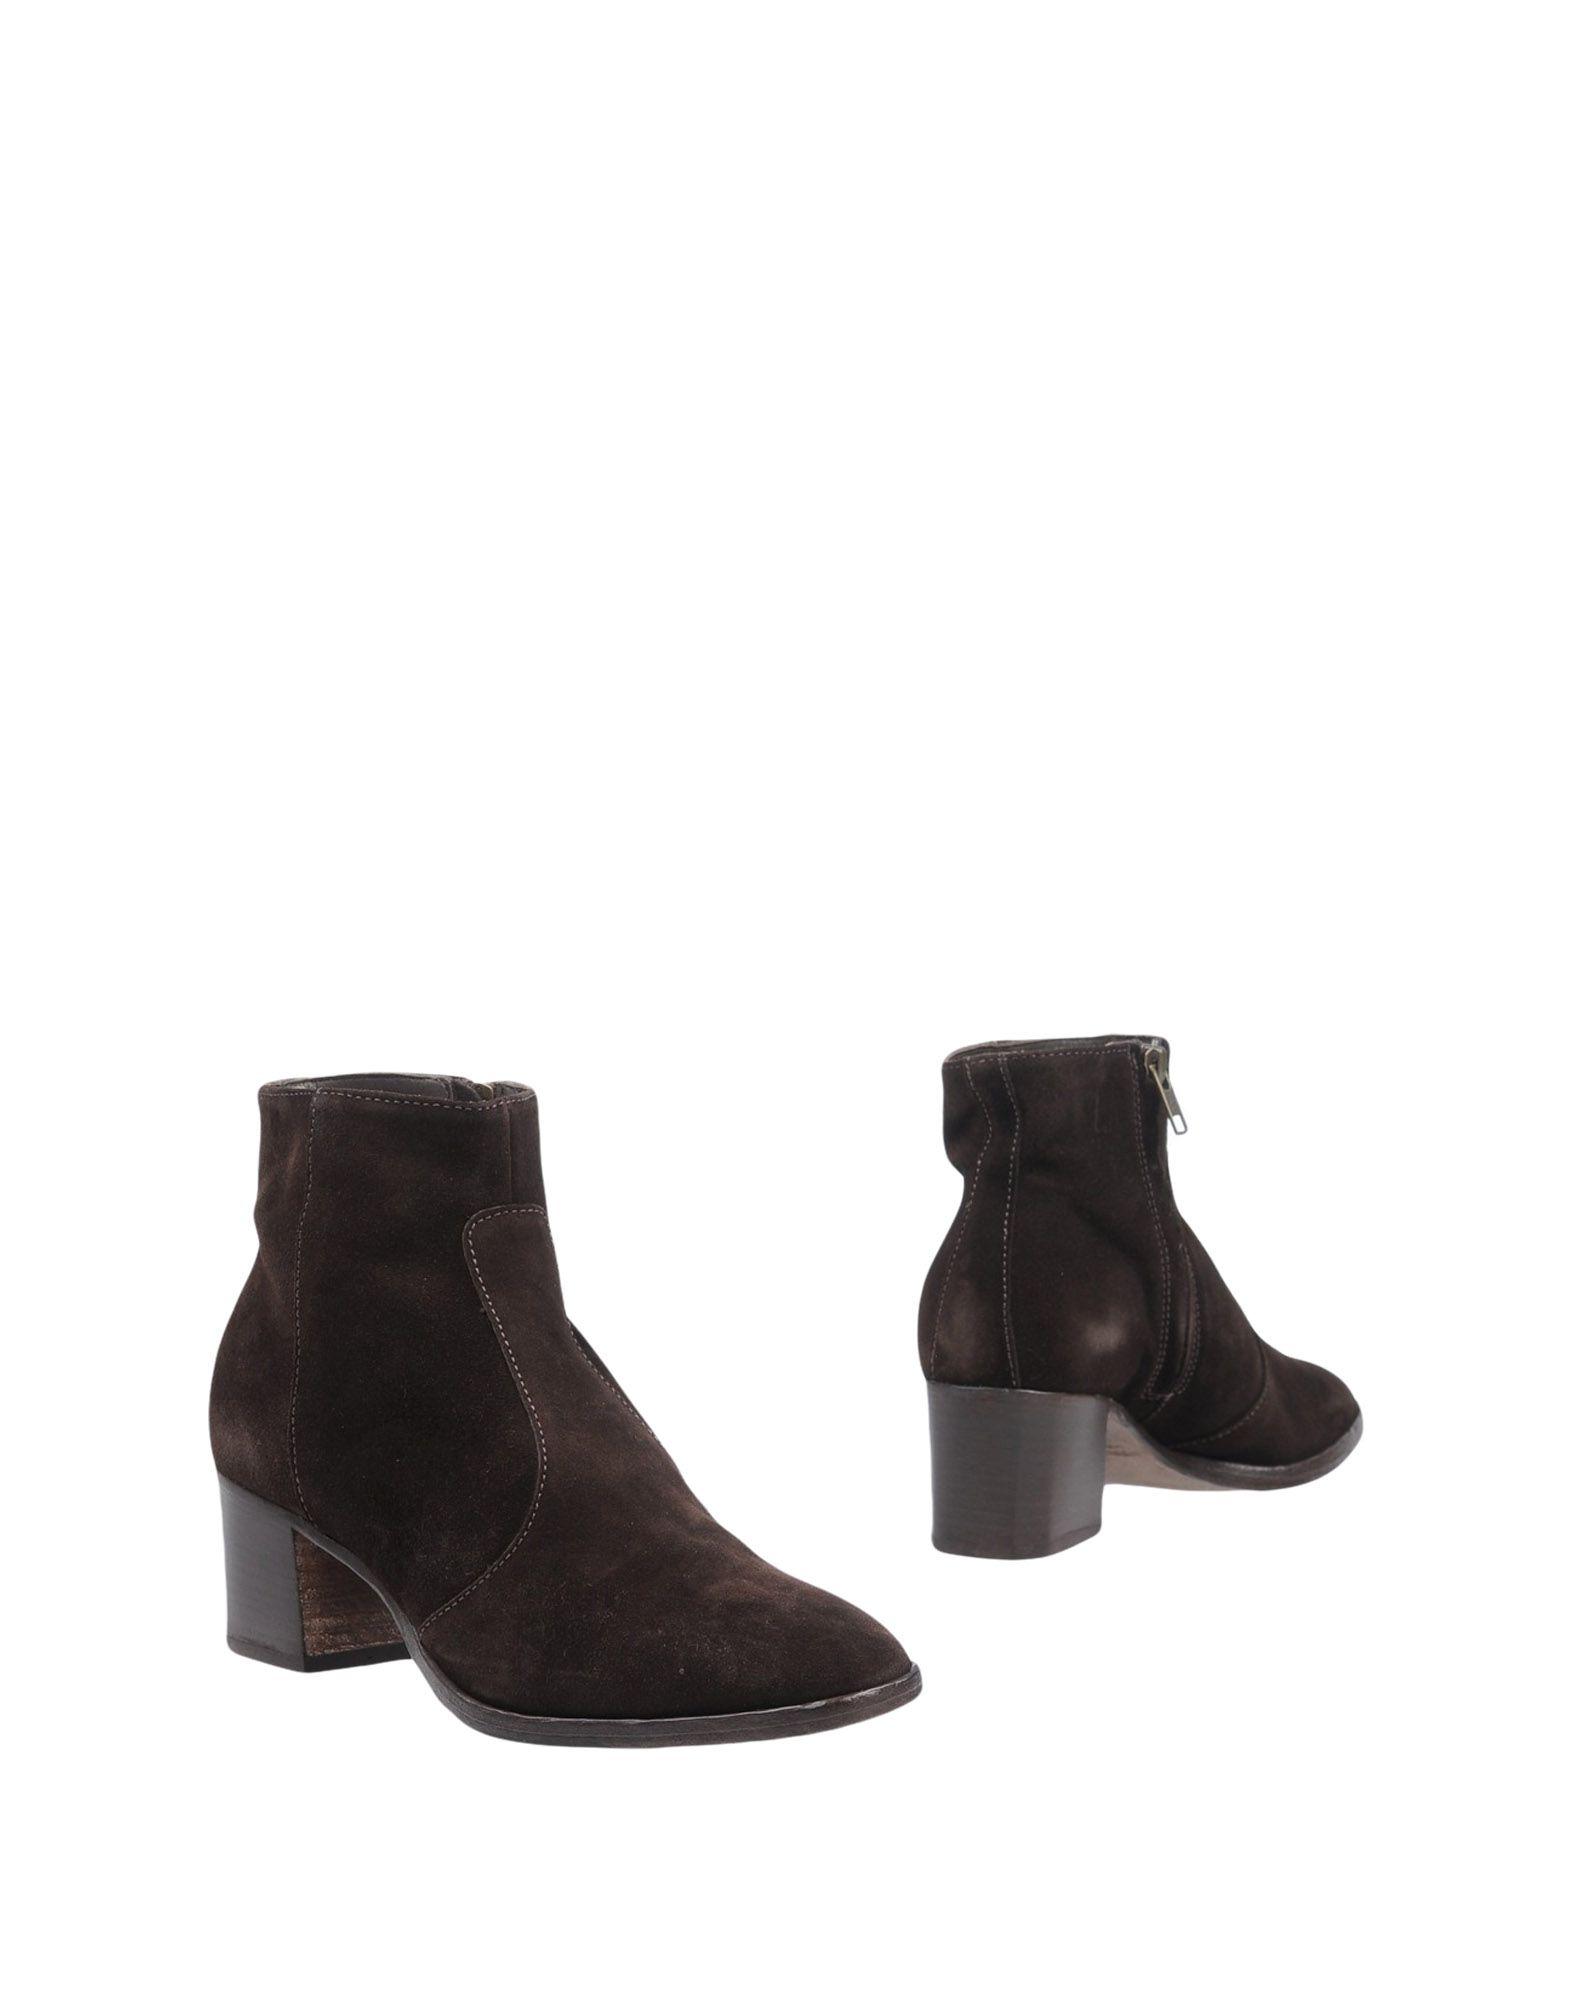 Lemaré Stiefelette Damen  11356169FR Gute Qualität beliebte Schuhe